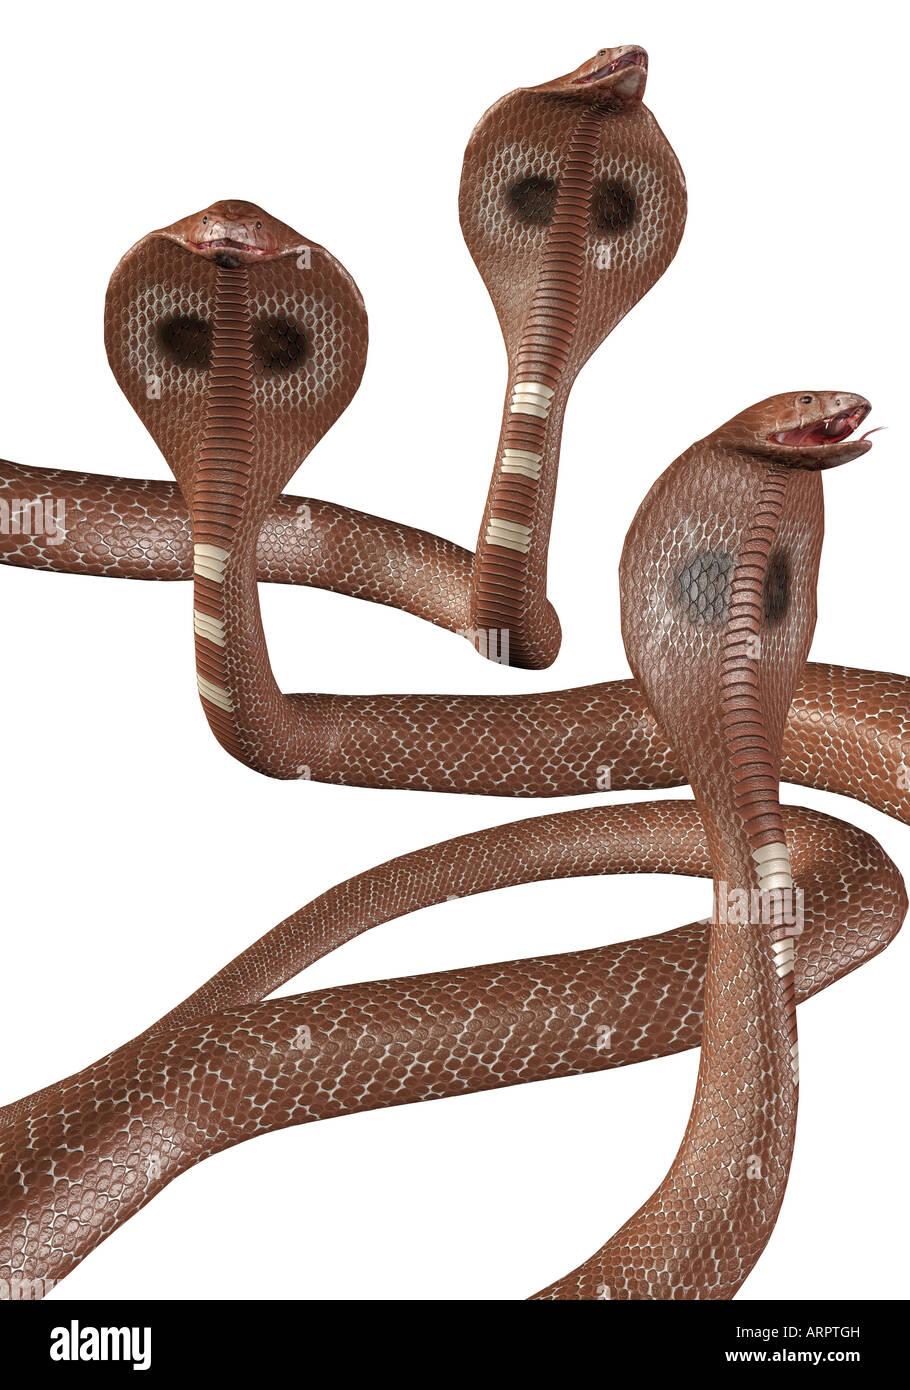 Le rendu. Groupe des serpents Cobra marron sur fond blanc. Photo Stock